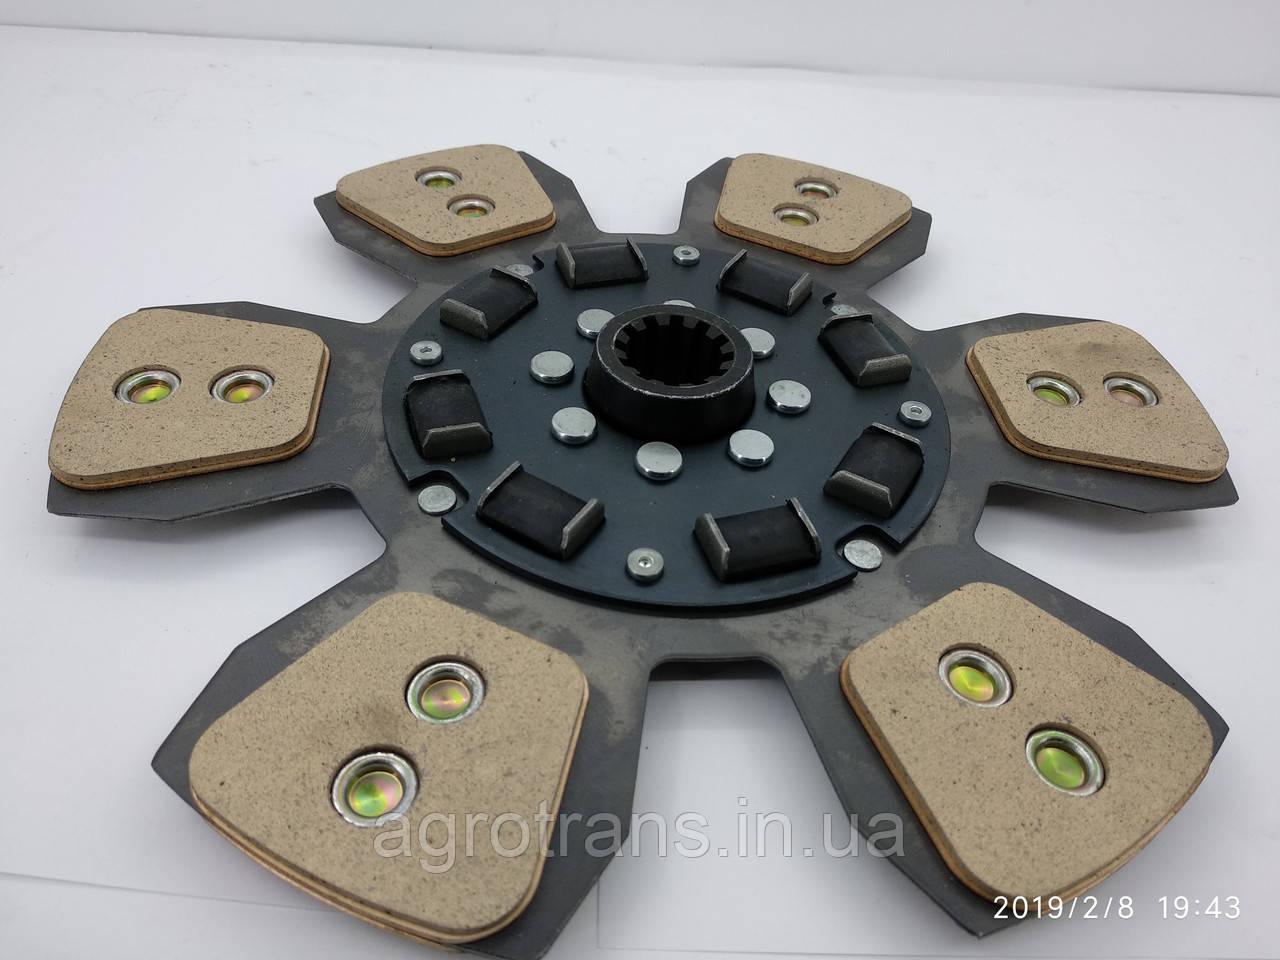 Диск сцепления МТЗ-80-1523  80-1601130 - 6 лепестков, керамика. Диск зчеплення МТЗ 80 керамічний